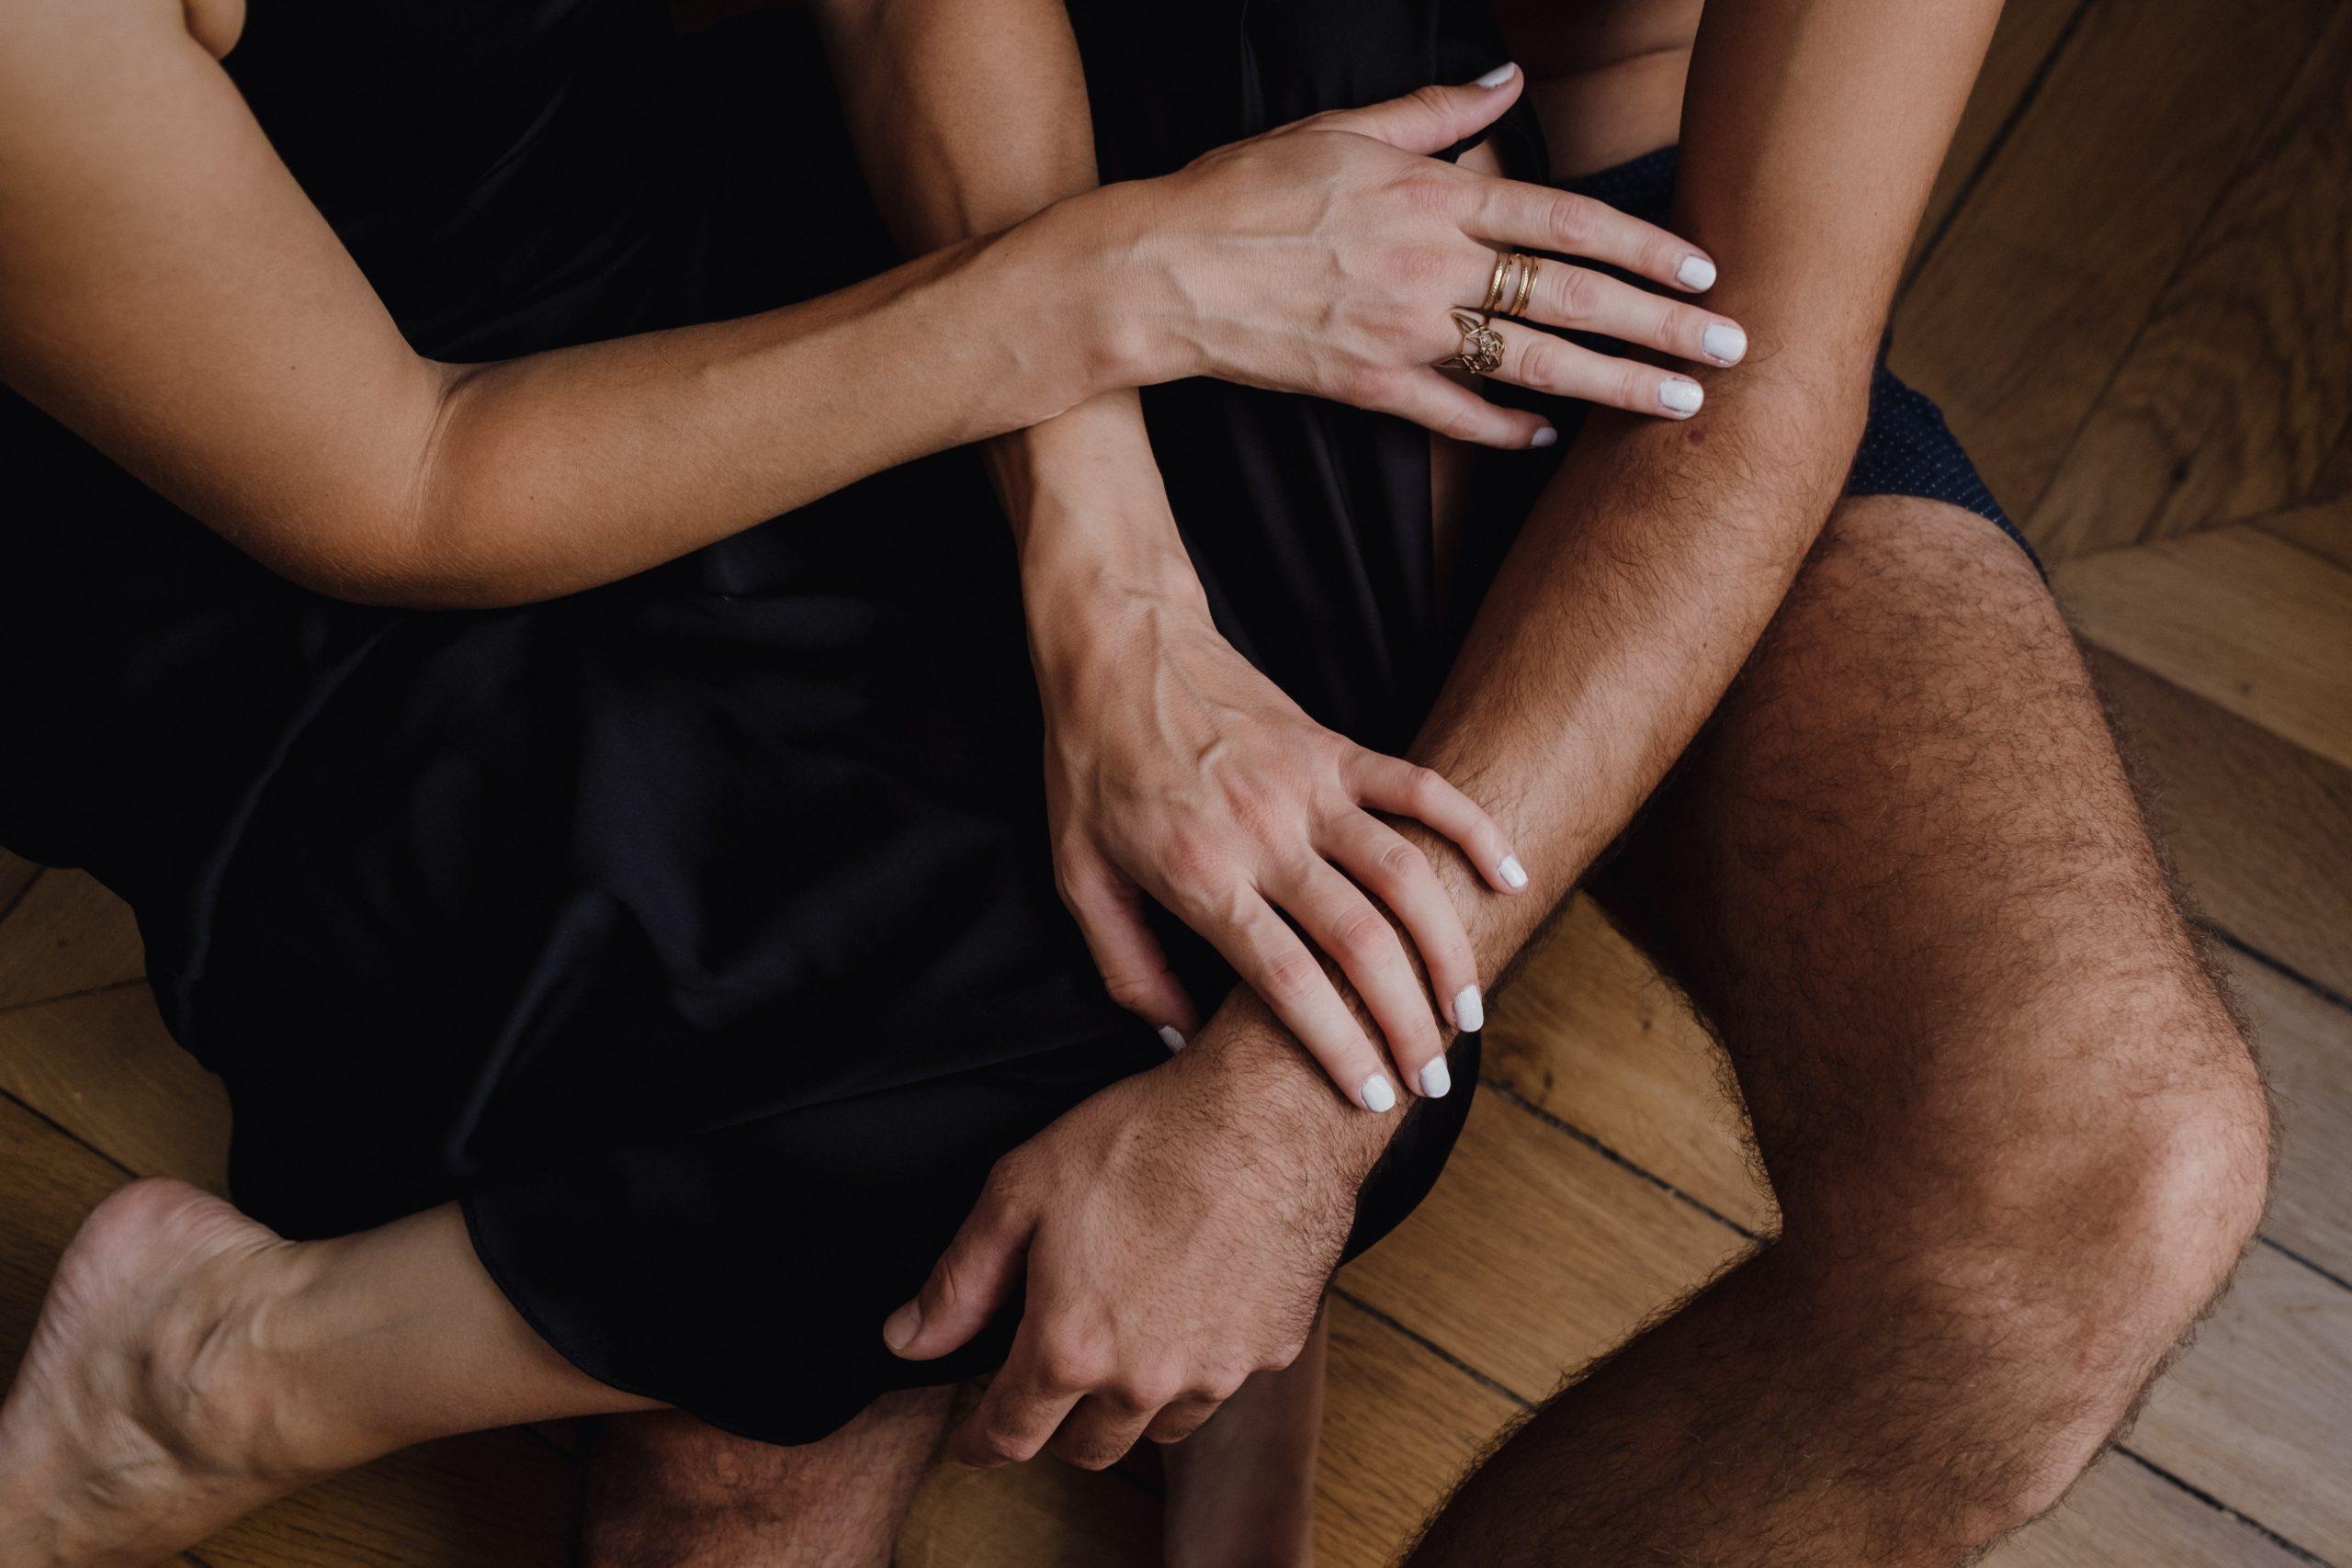 A ritka nemi élet növeli a szívbetegség kockázatát